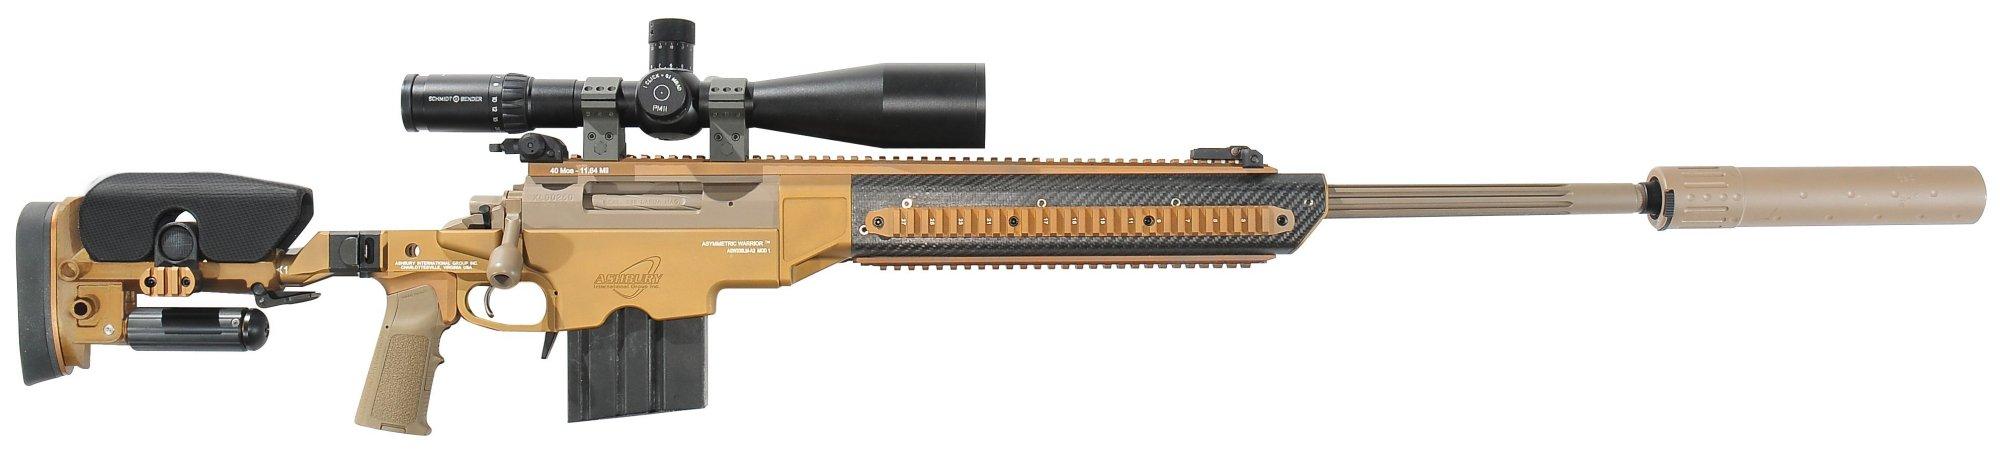 Lapua .338 Sniper Rifle Backgrounds, Compatible - PC, Mobile, Gadgets  2000x449 px